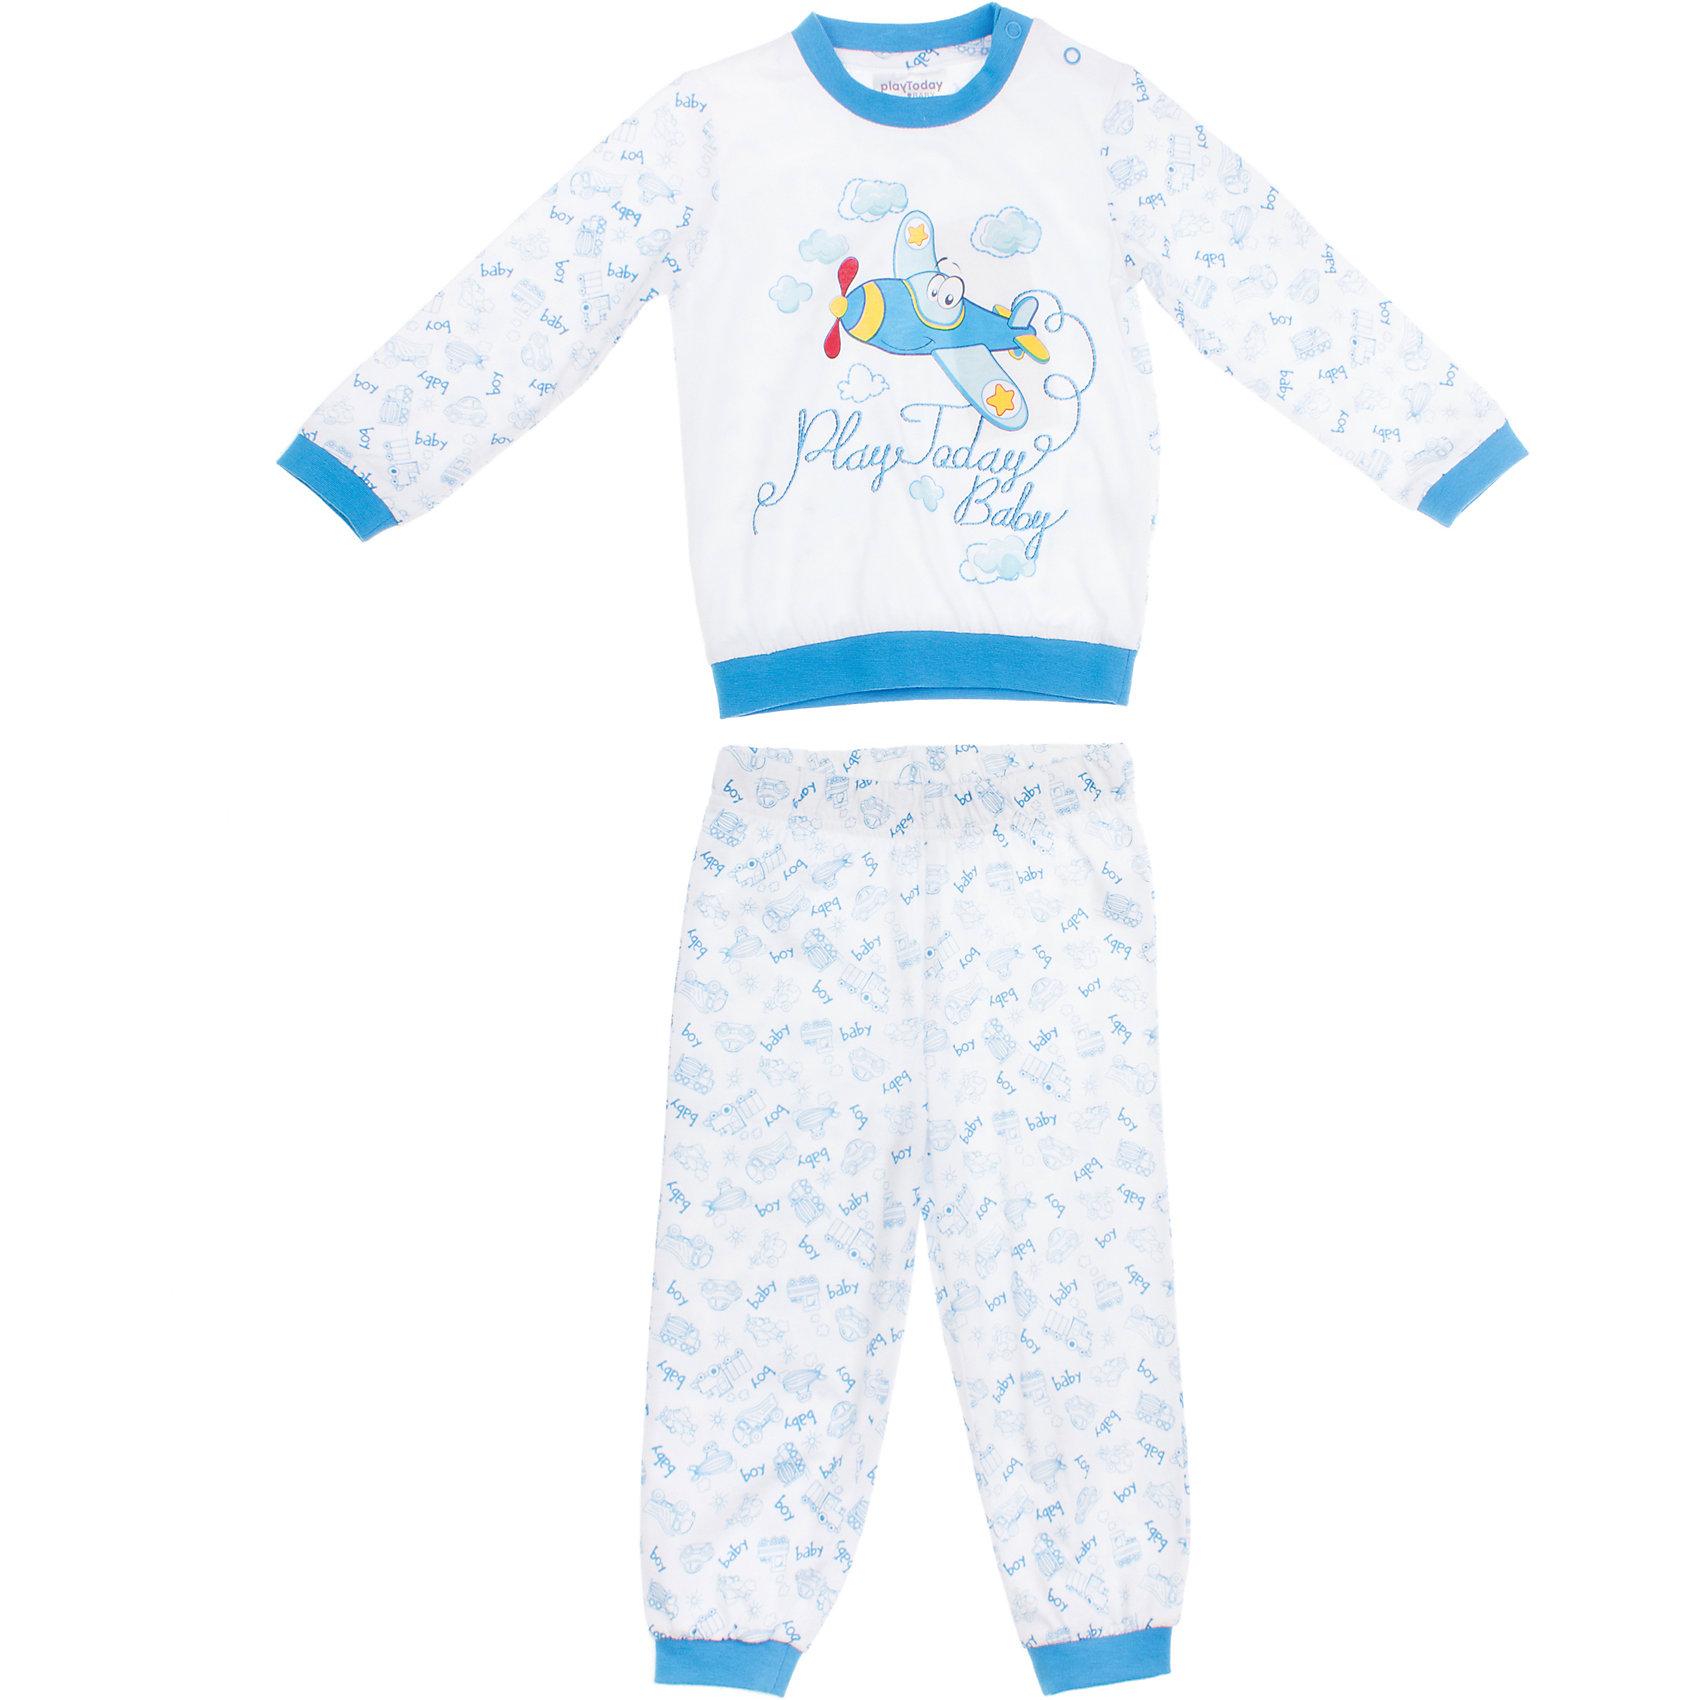 Комплект: футболка с длинным рукавом и брюки для мальчика PlayTodayКомплект: футболка с длинным рукавом и брюки для мальчика PlayToday <br><br>Состав: 100% хлопок <br><br>Комплект из футболки с длинными рукавами и спортивных брюк. <br>Футболка украшена водным принтом с самолетом. <br>Рукава и низ на резинке. <br>Застегивается на кнопки на плече. <br>Пояс и низ штанишек на мягкой резинке, есть регулирующий шнурок.<br><br>Ширина мм: 199<br>Глубина мм: 10<br>Высота мм: 161<br>Вес г: 151<br>Цвет: голубой<br>Возраст от месяцев: 18<br>Возраст до месяцев: 24<br>Пол: Мужской<br>Возраст: Детский<br>Размер: 92,74,86,80<br>SKU: 4502849